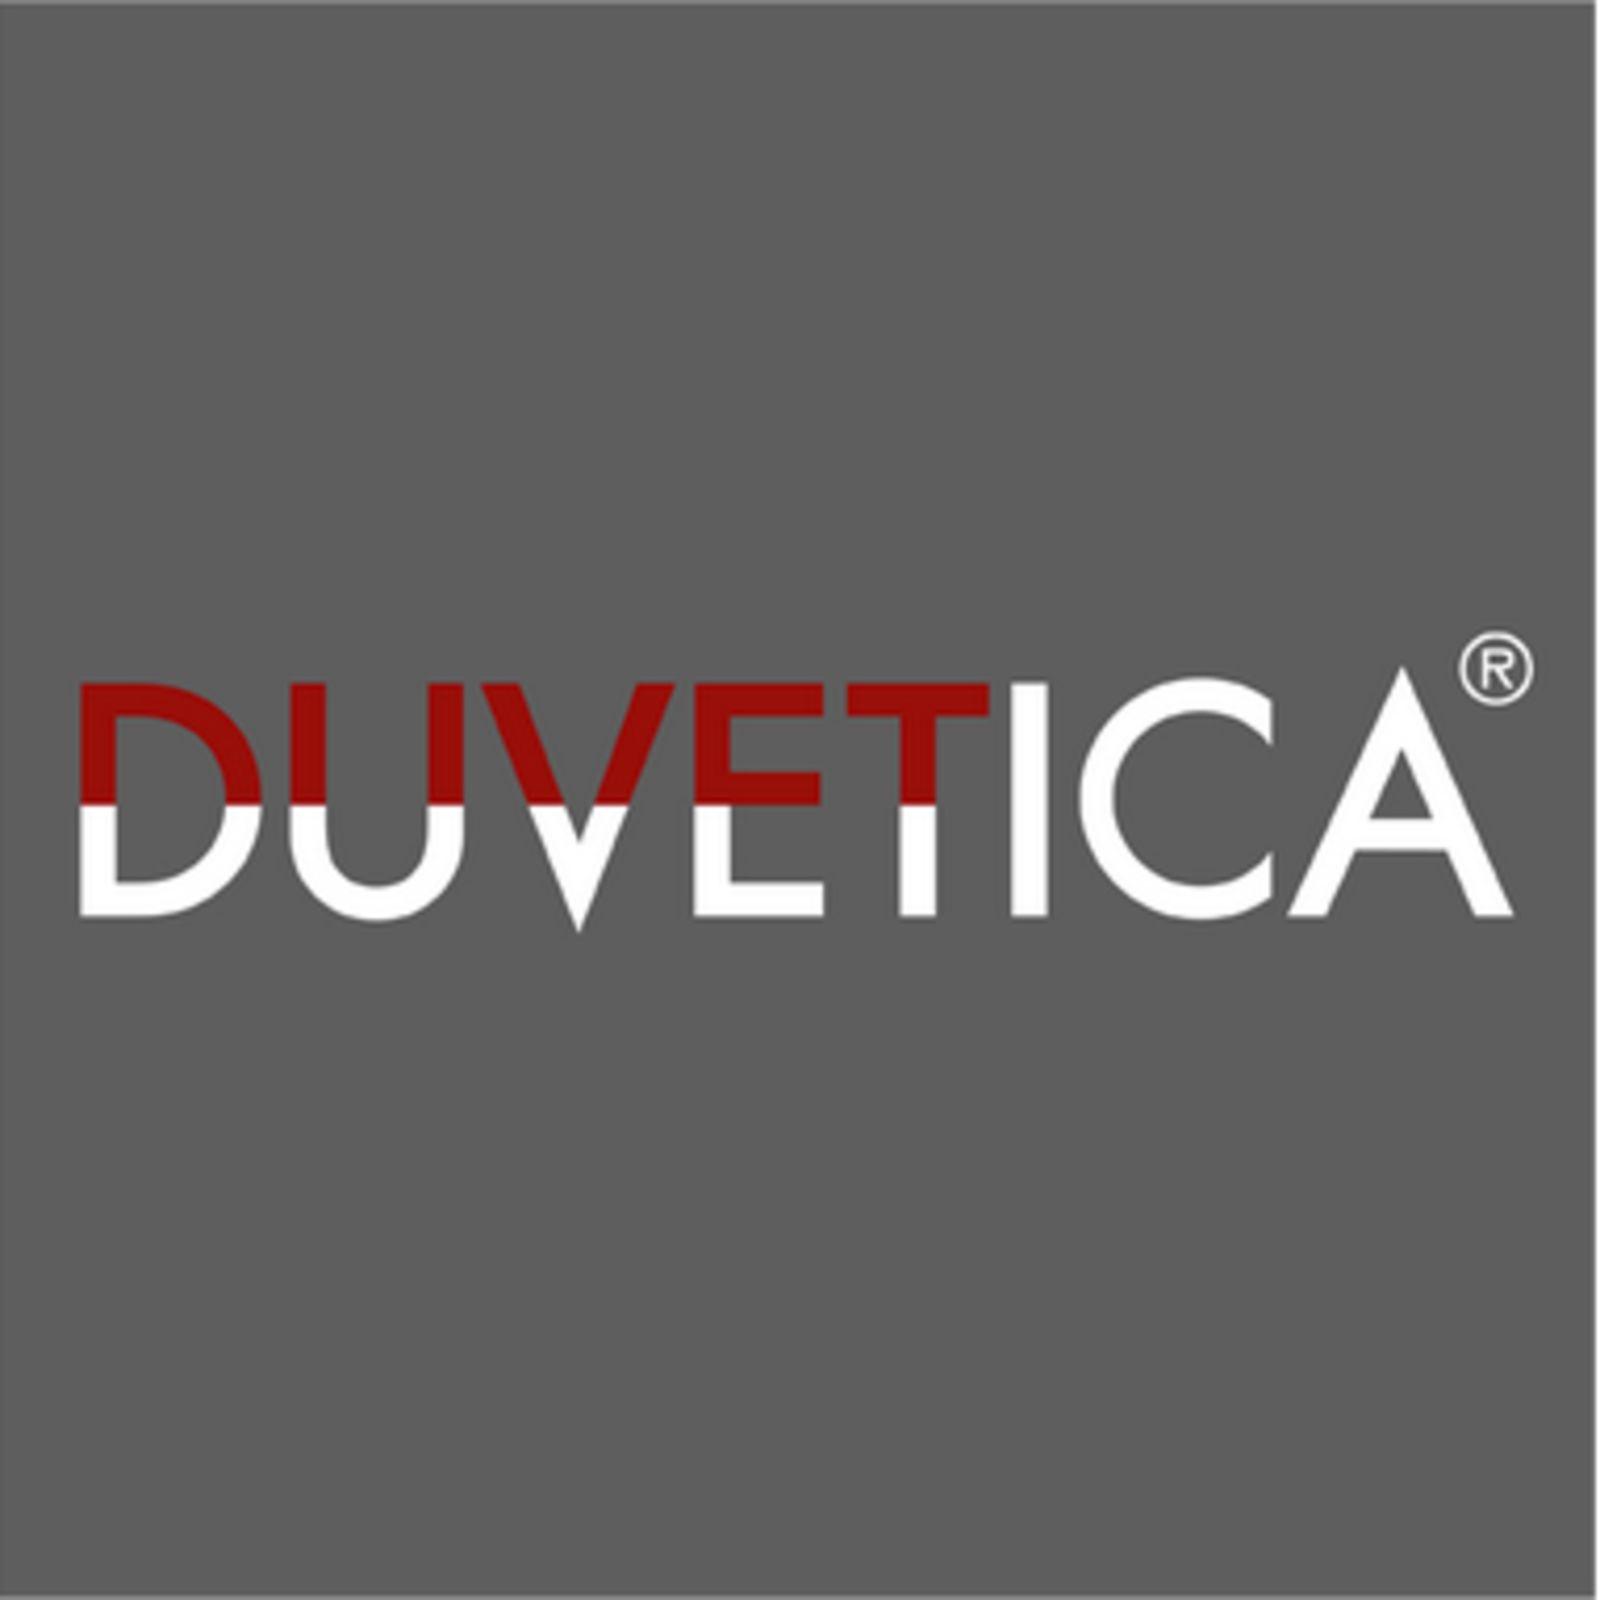 DUVETICA (Image 1)